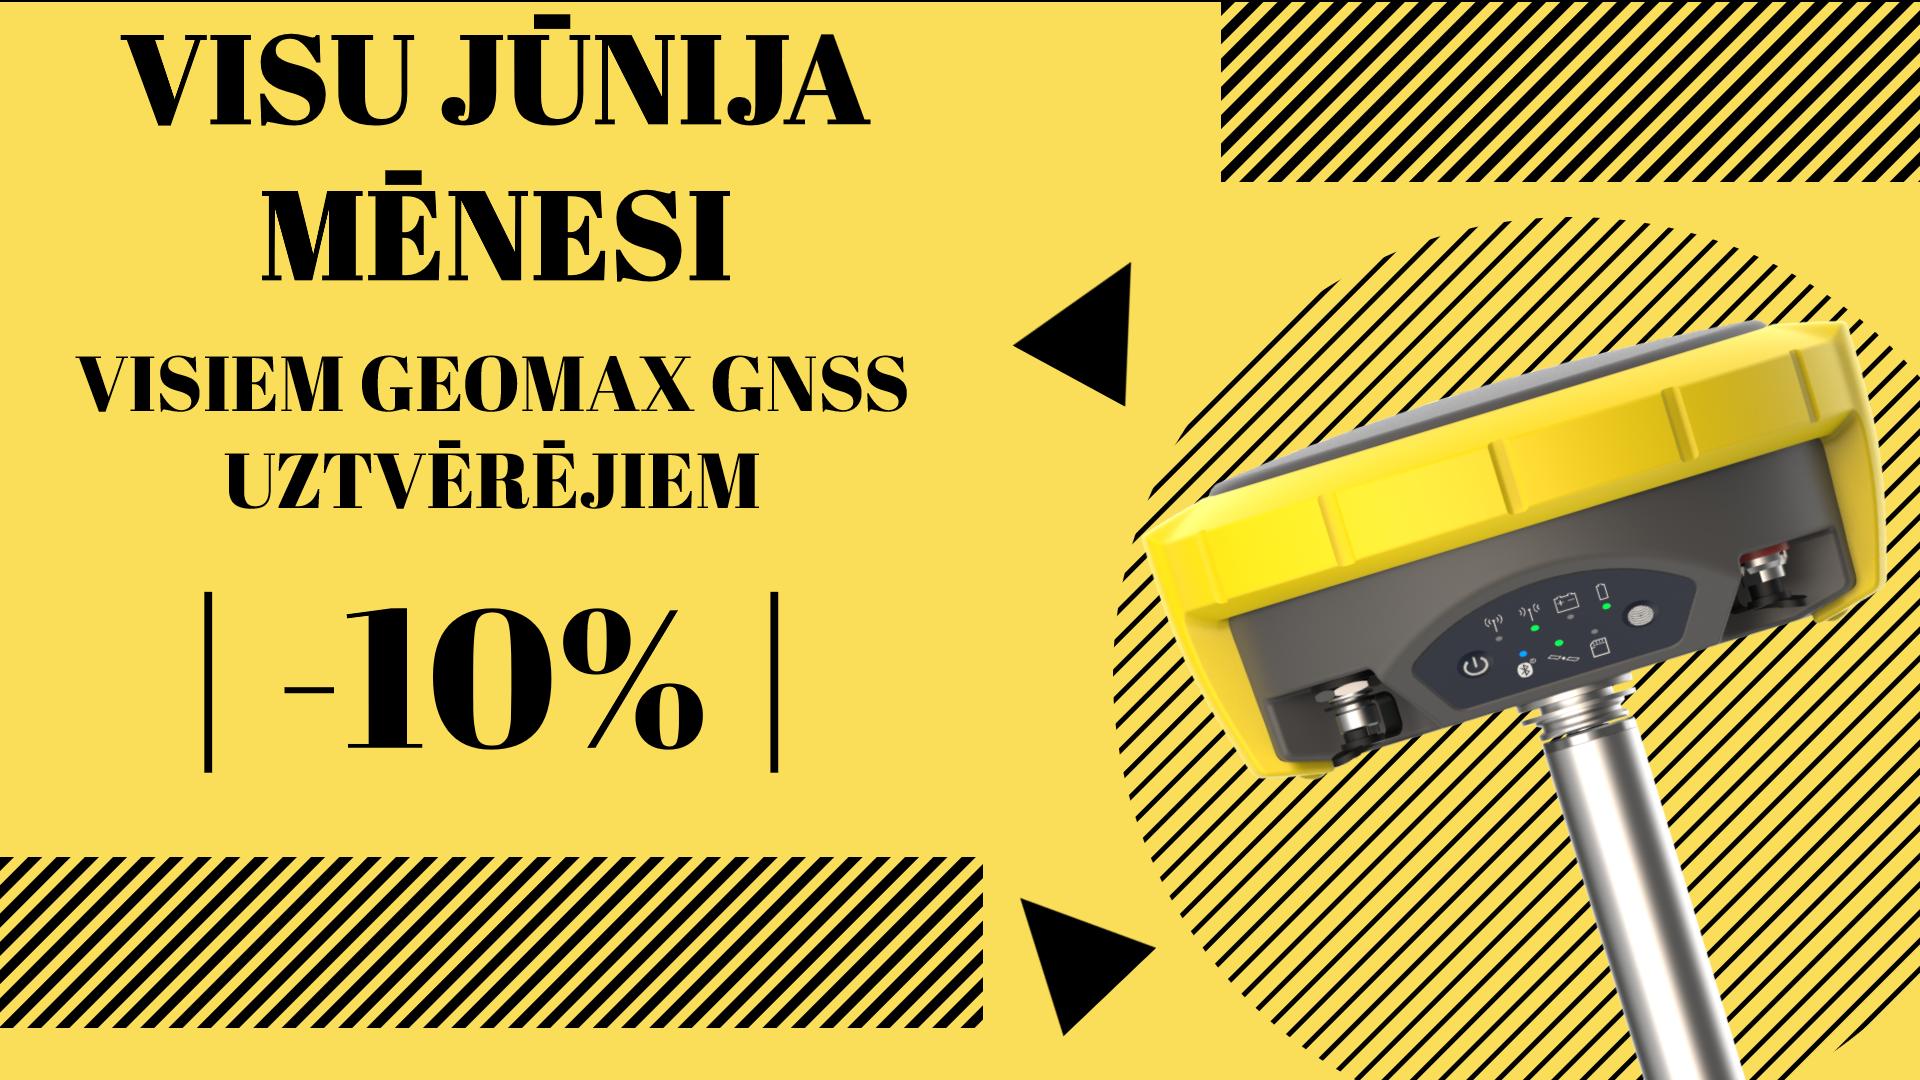 Geomax jūnija GNSS akcijas banneris